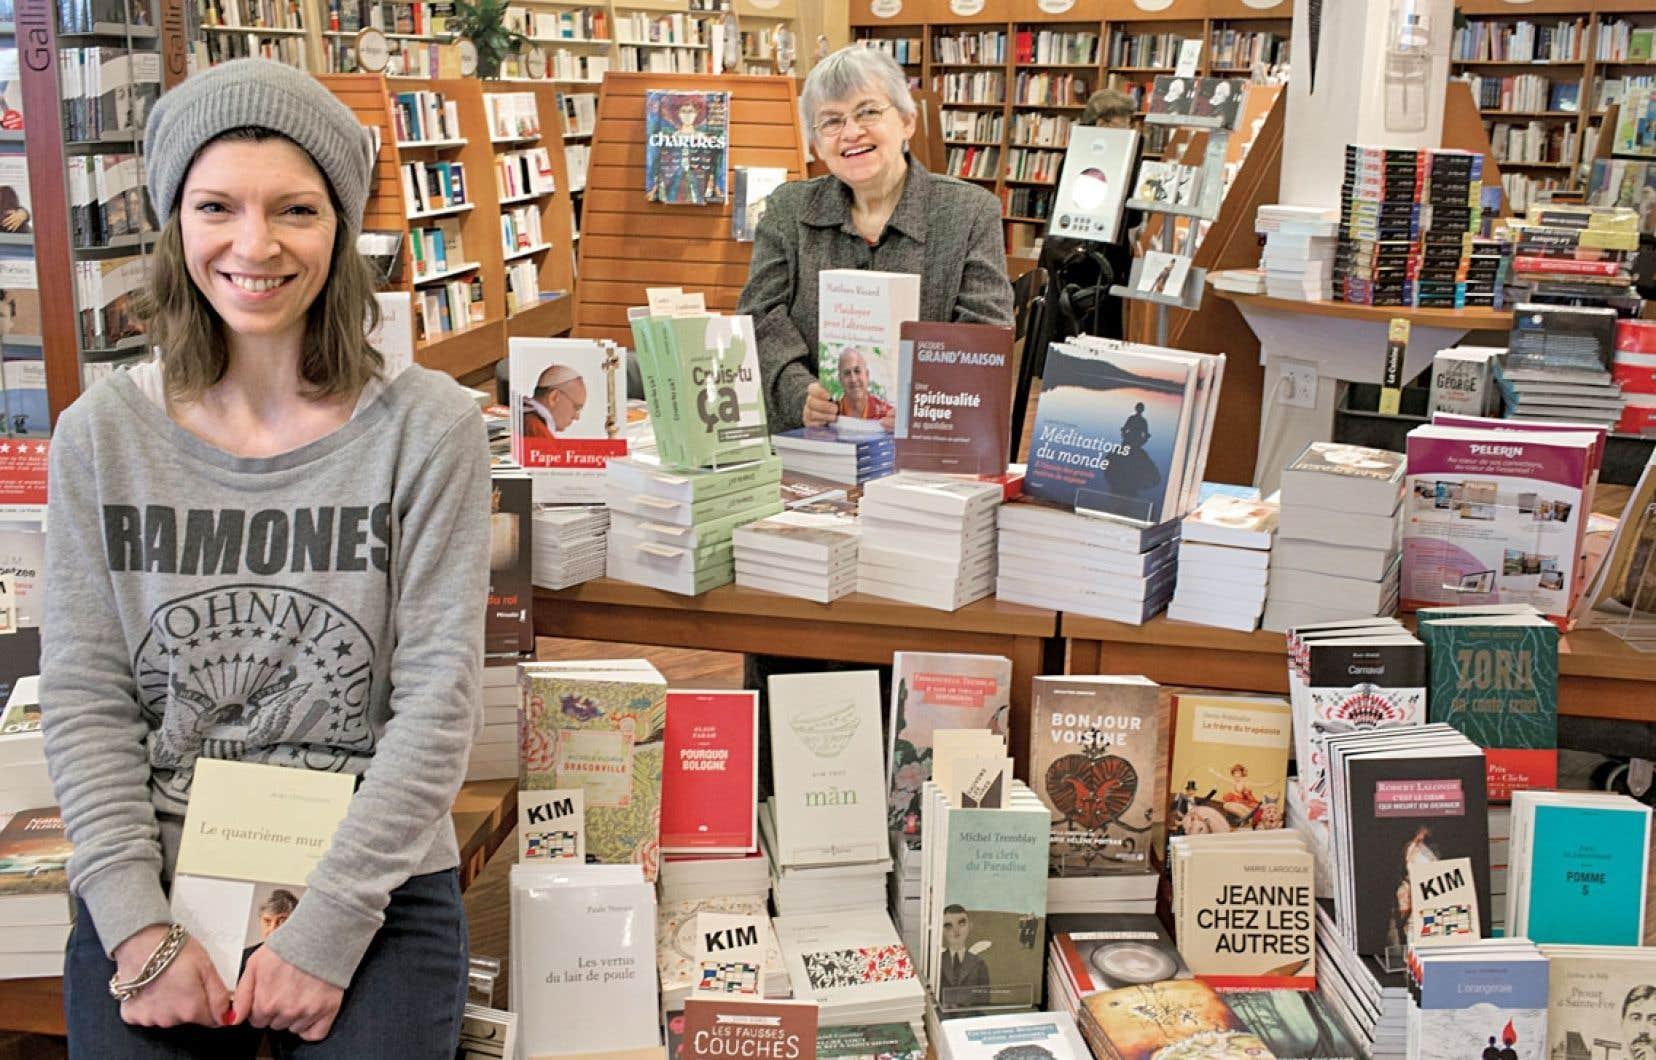 La libraire Kim Leblanc et la directrice générale Jeanne Lemire (à l'arrière-plan) de la Librairie Paulines à Montréal. Outre les best-sellers, des fromages monastiques, du cidre, du chocolat et une solide passion pour la spiritualité et la philosophie.